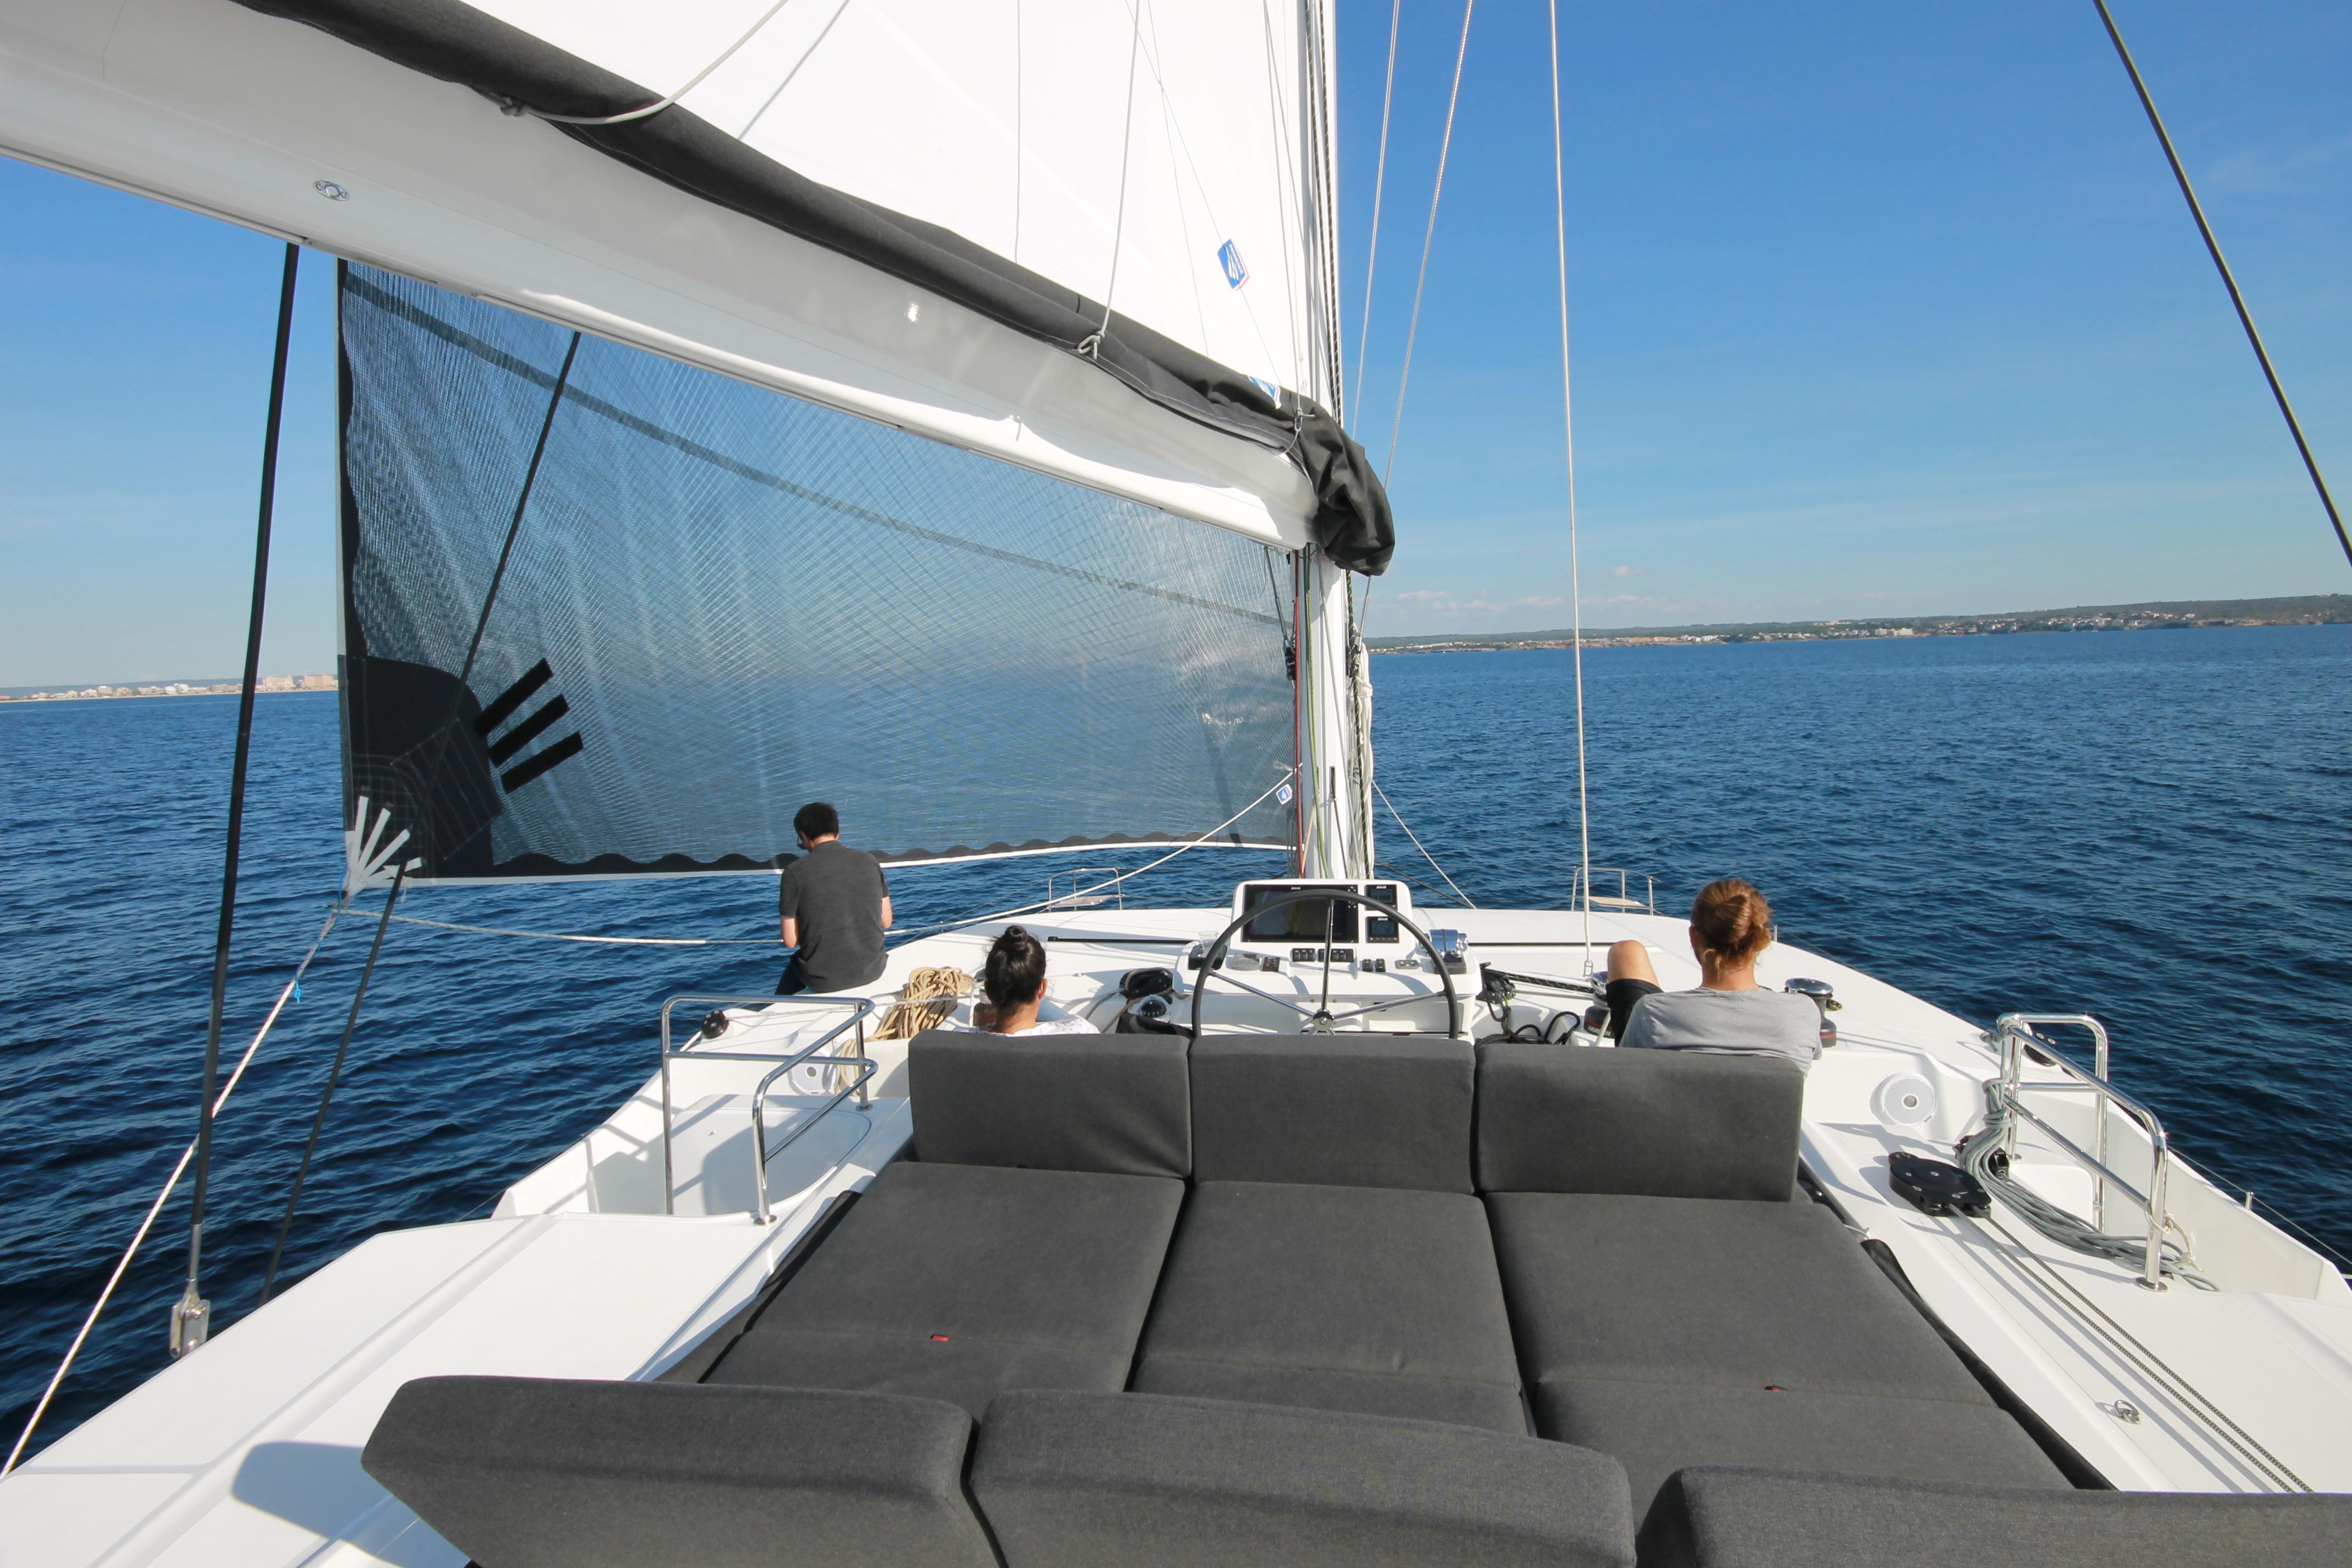 cacciatore Modello di barca prese d/'aria laterali in plastica bianca.x2